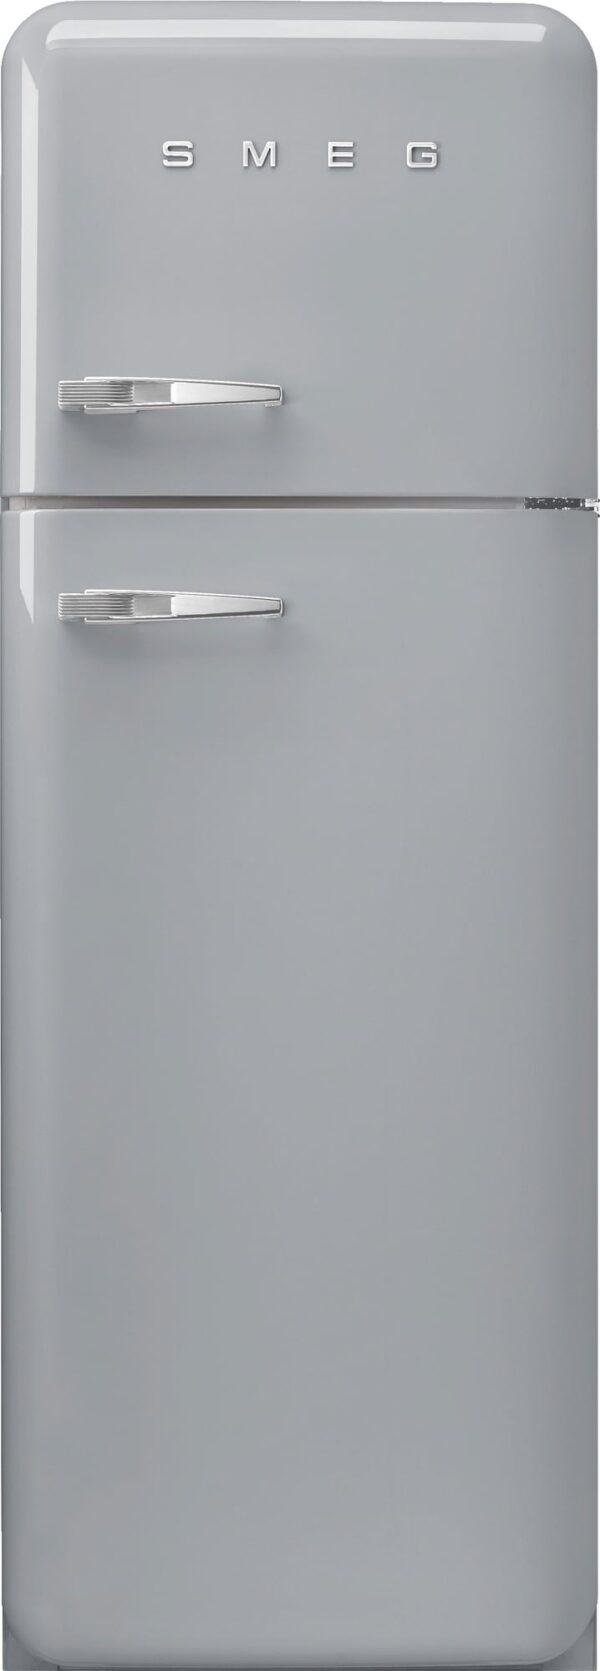 Smeg 50's Style kølefryseskab FAB30RSV5 (sølv)